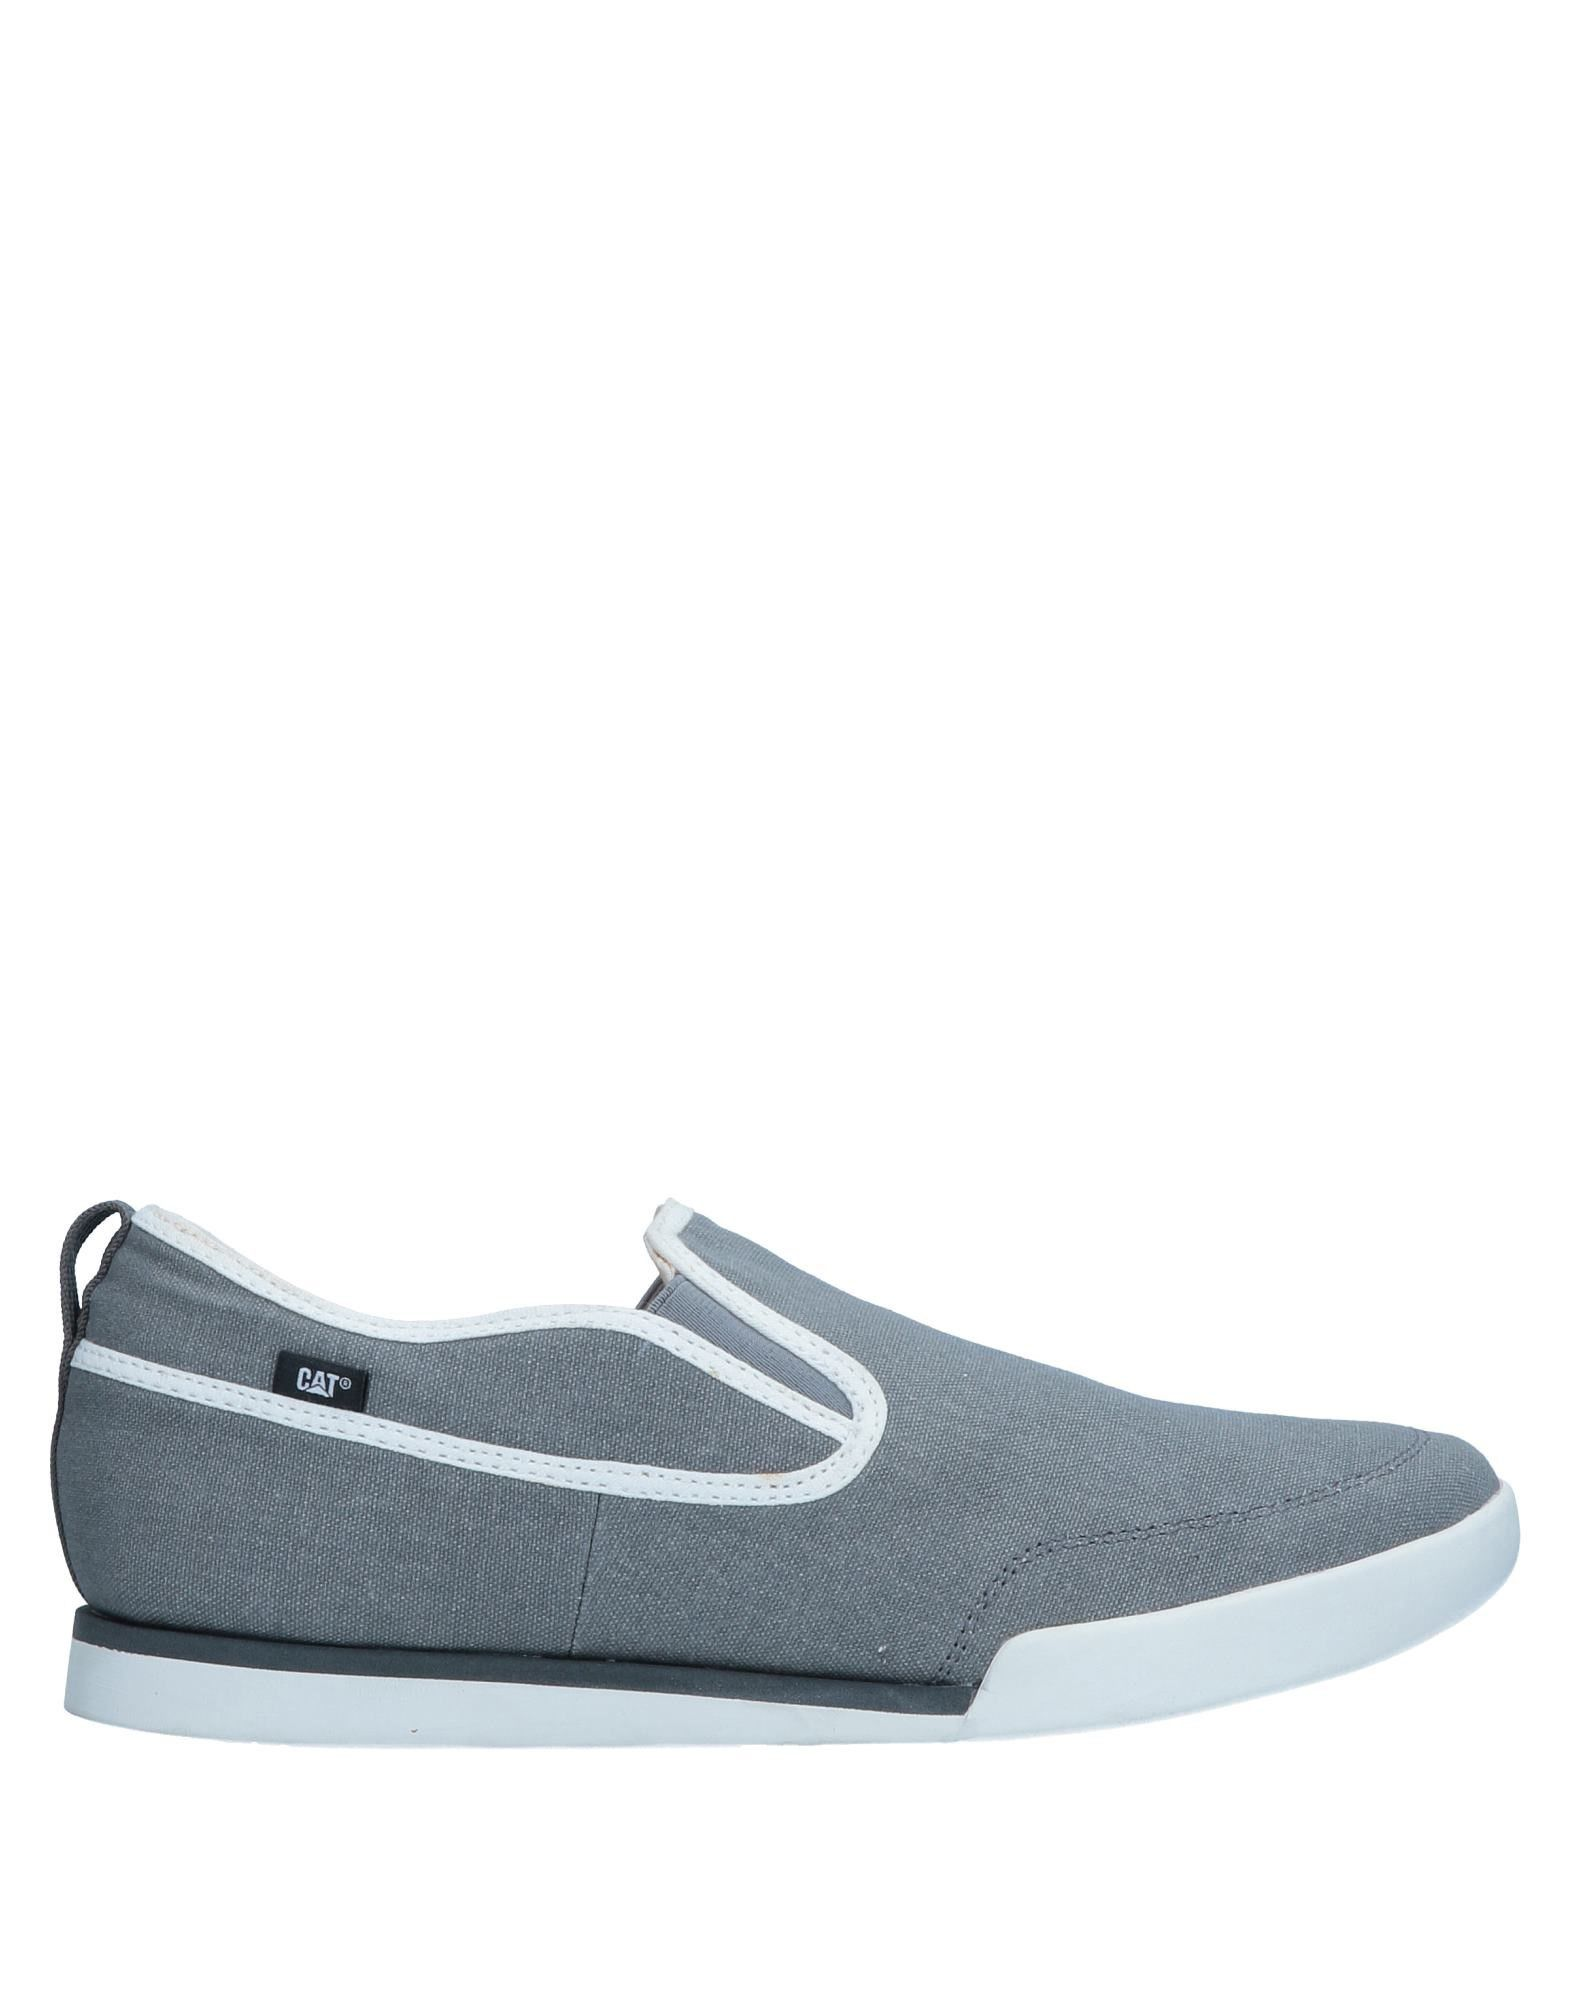 Rabatt echte Schuhe Herren Cat Mokassins Herren Schuhe  11555704WO 88c861